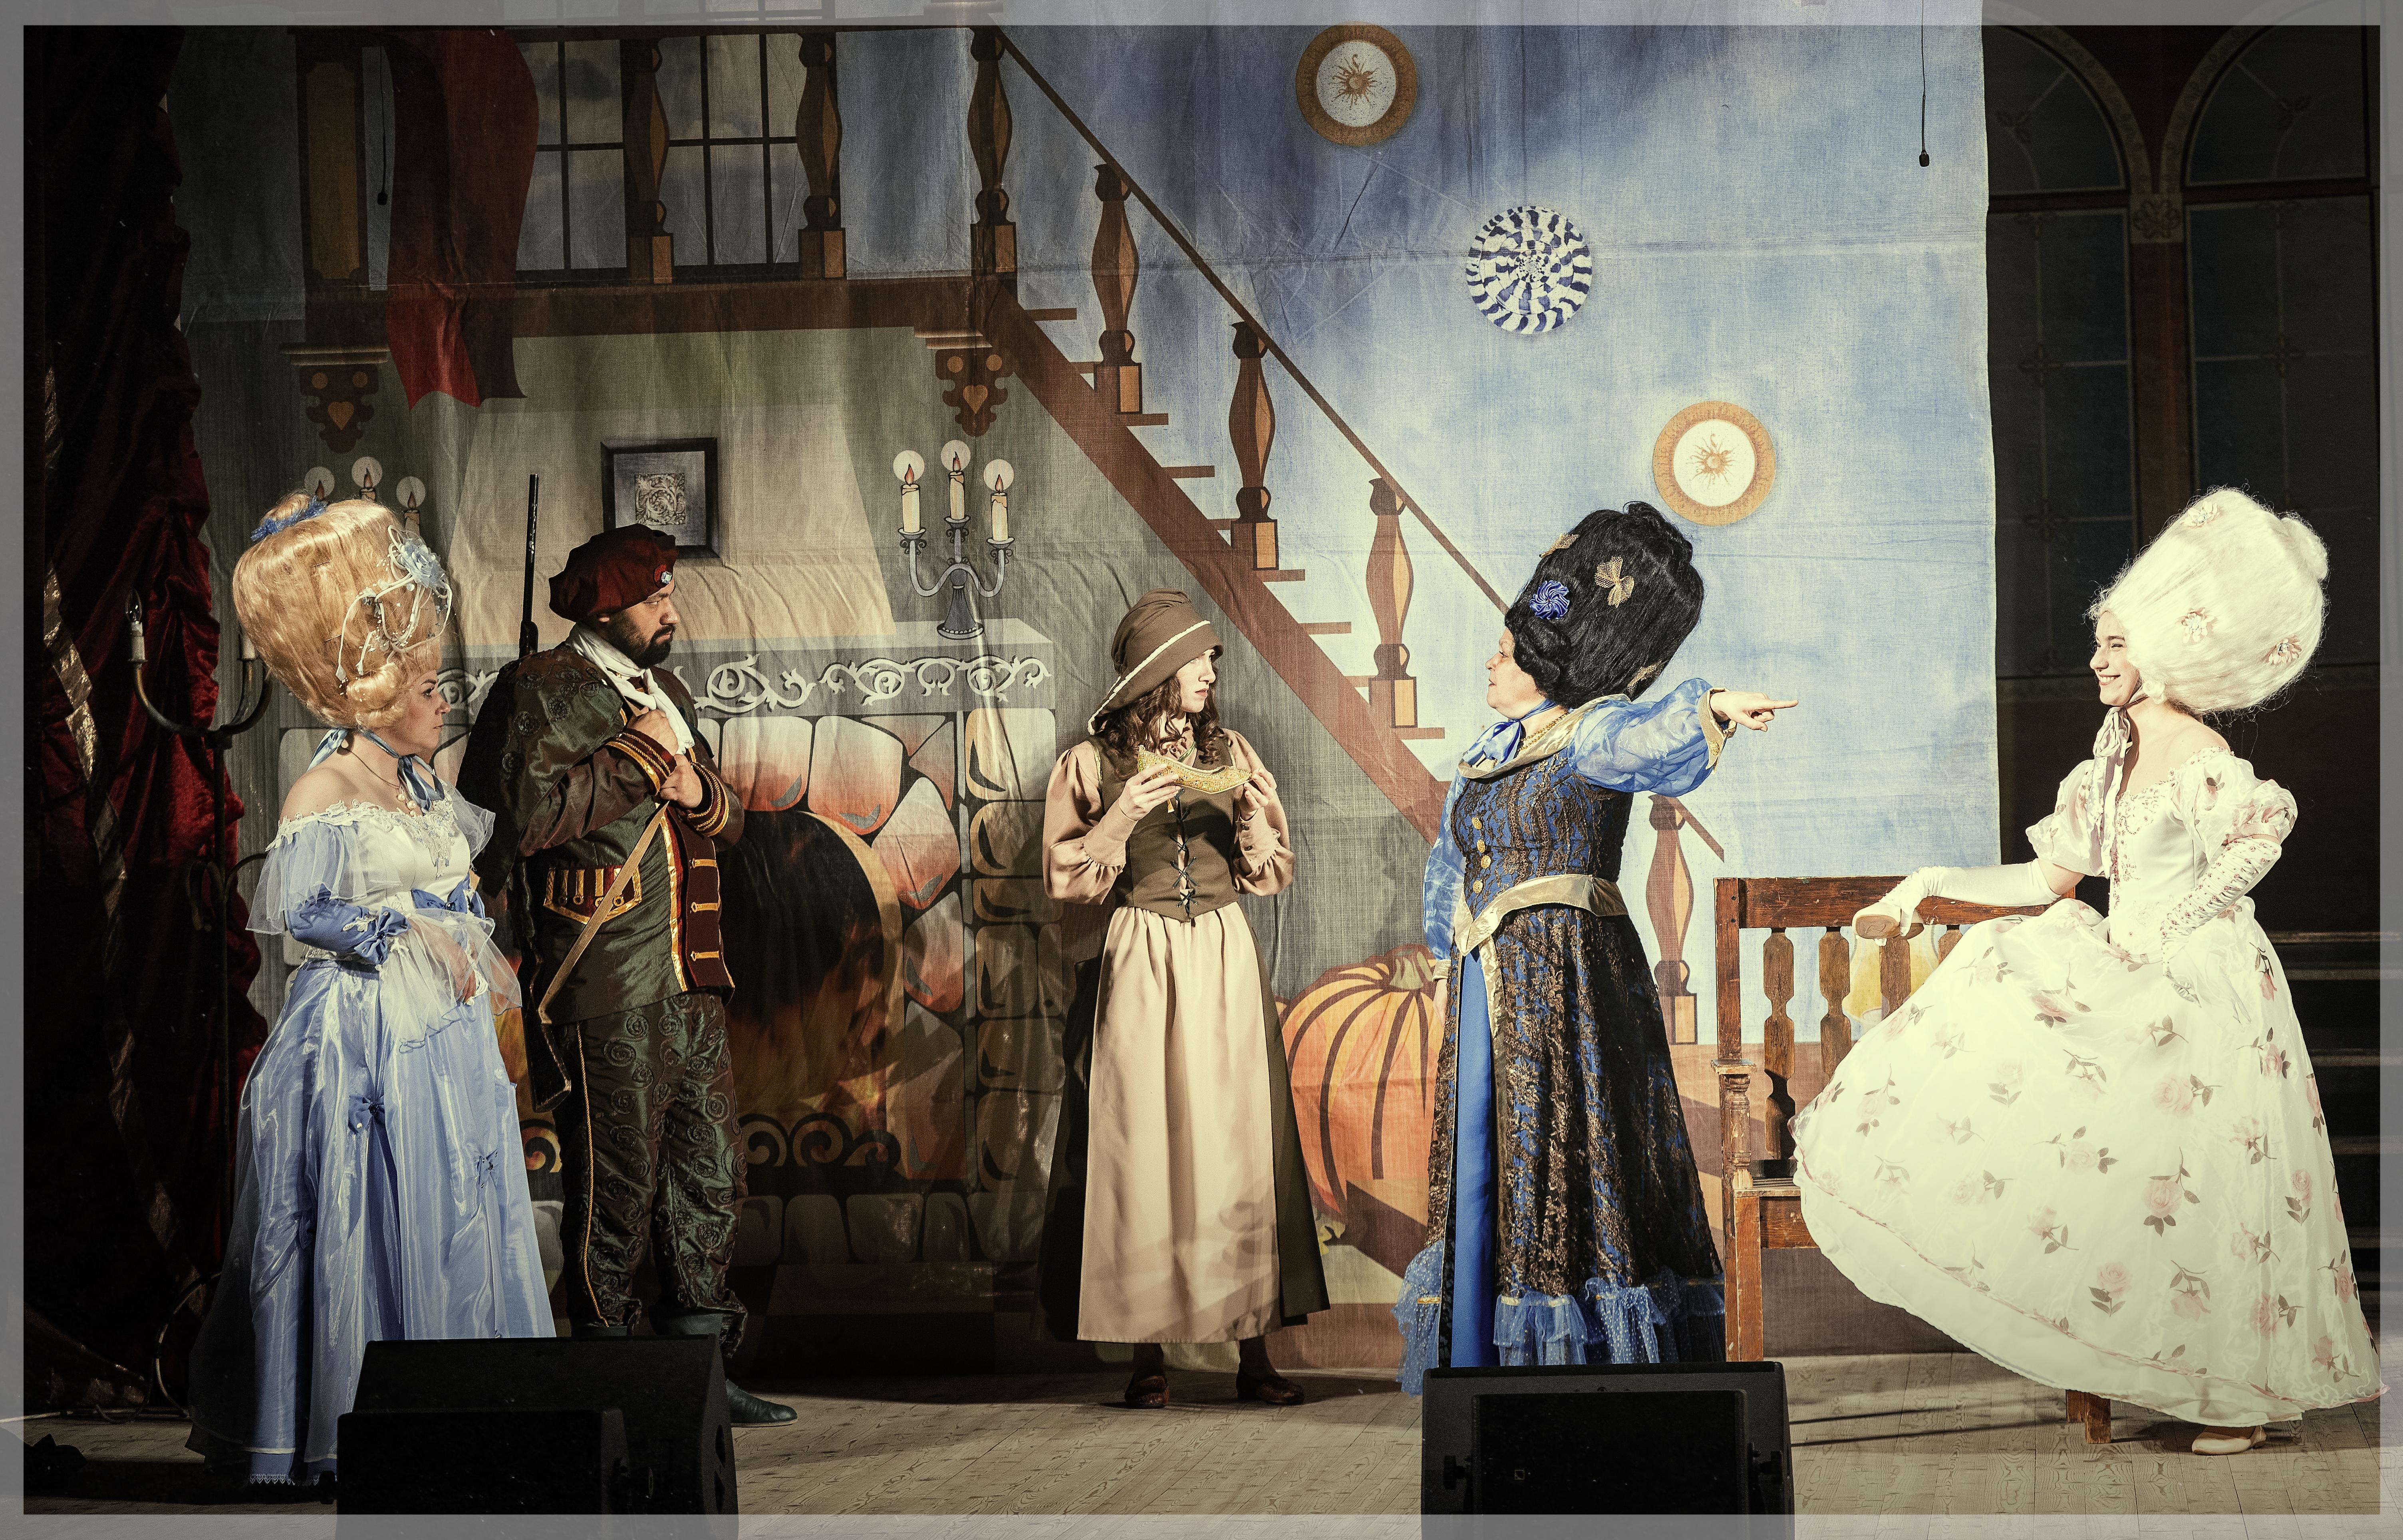 «Золушка» (Внимание!!! Спектакль пройдет на сцене ГАУК Брянский областной театр драмы им. А.К. Толстого)